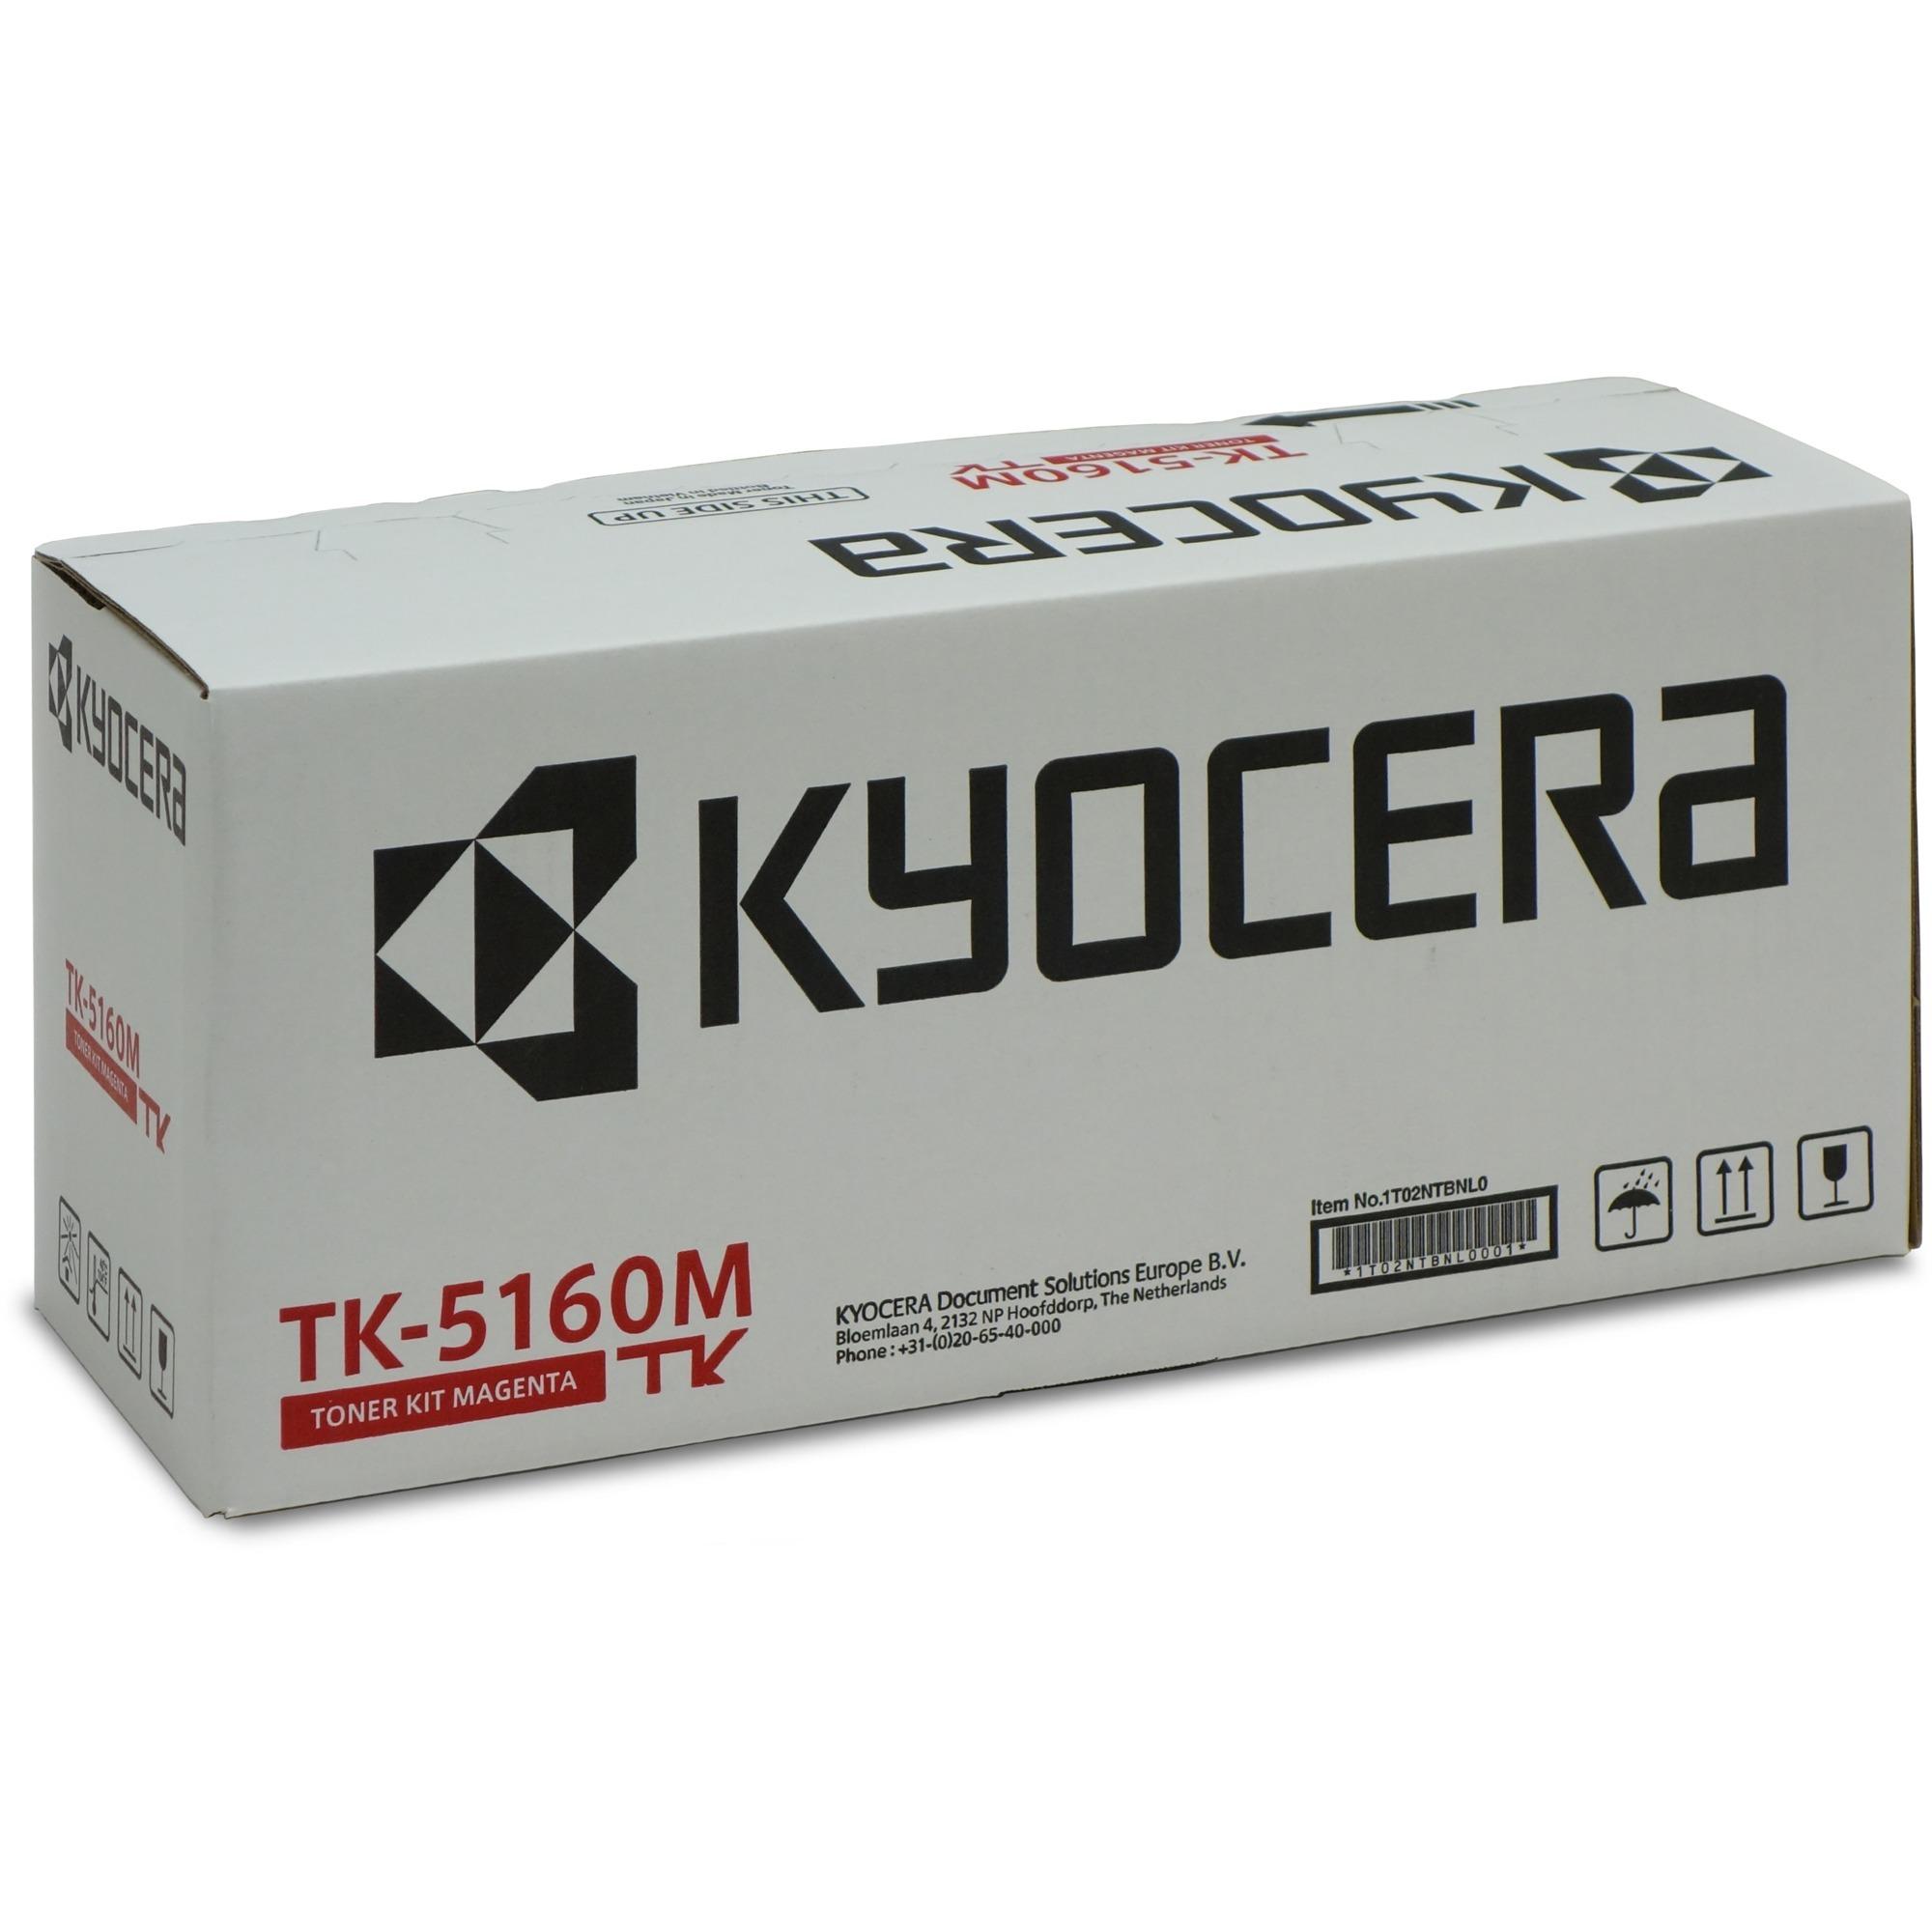 TK-5160M Toner laser 12000pages Magenta